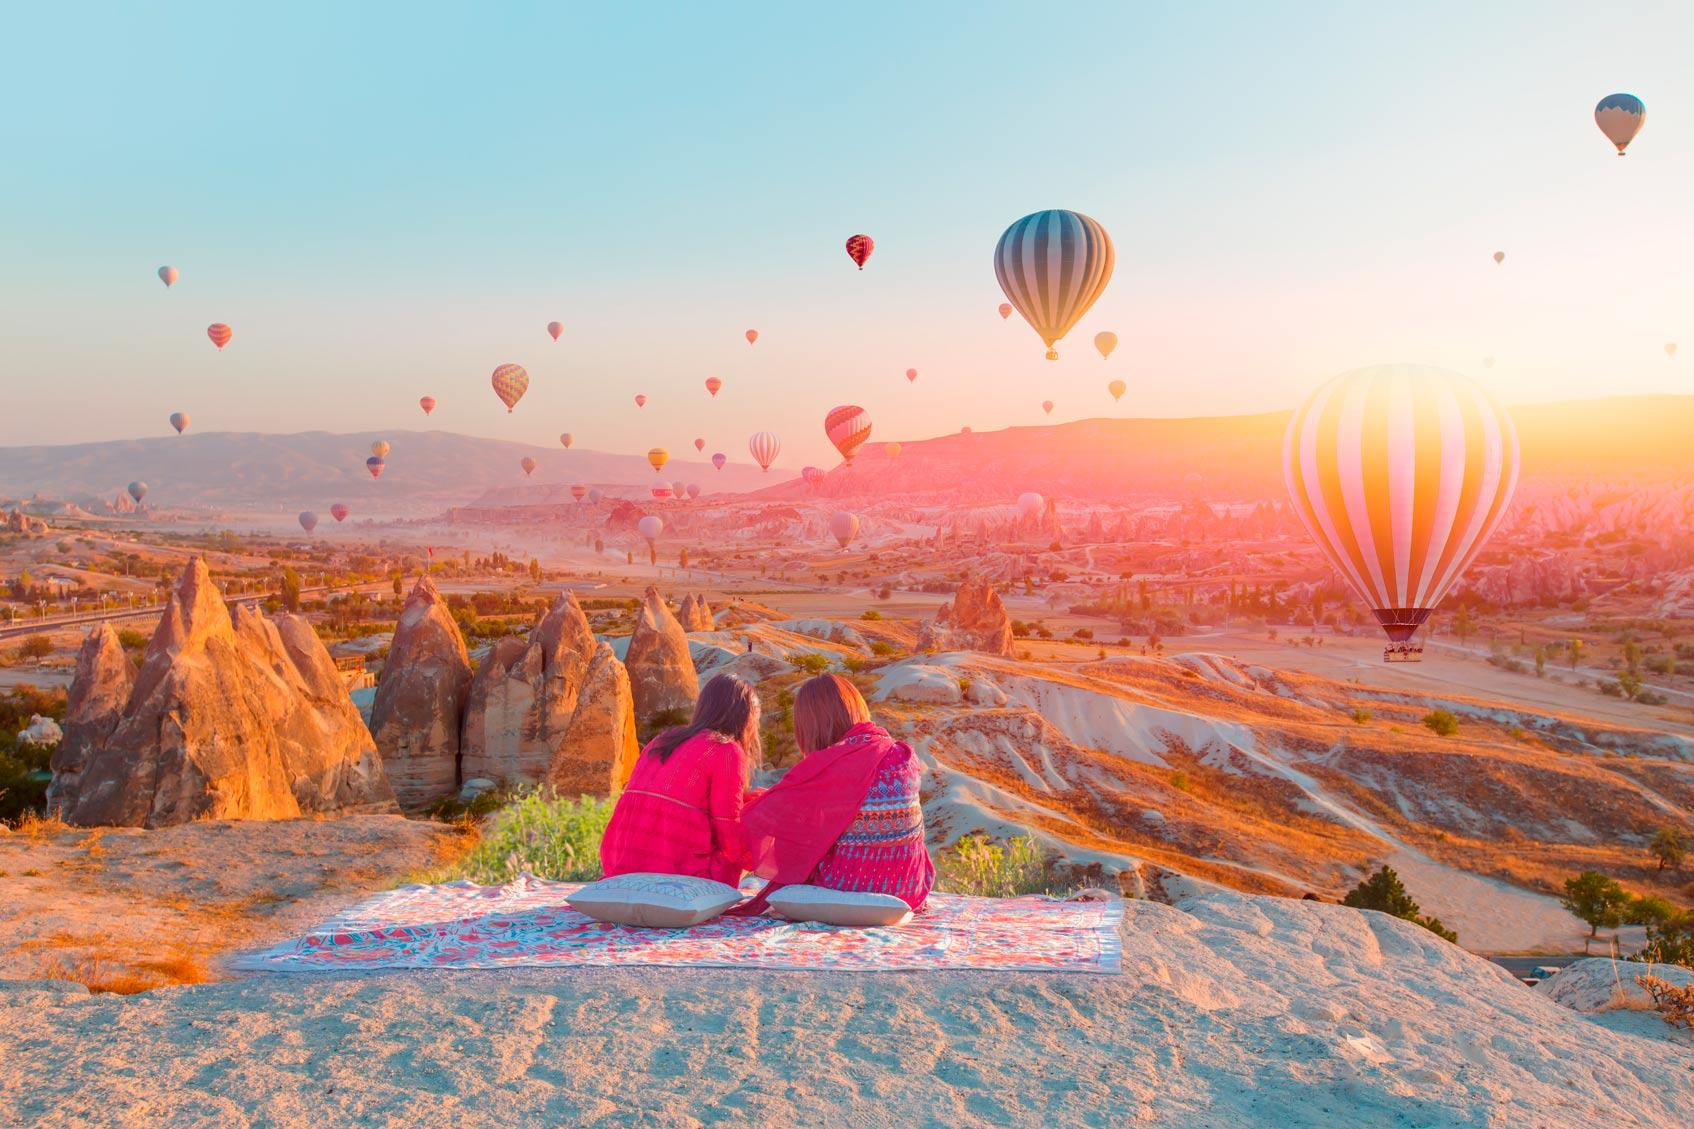 воздушные шары на холме каппадокии